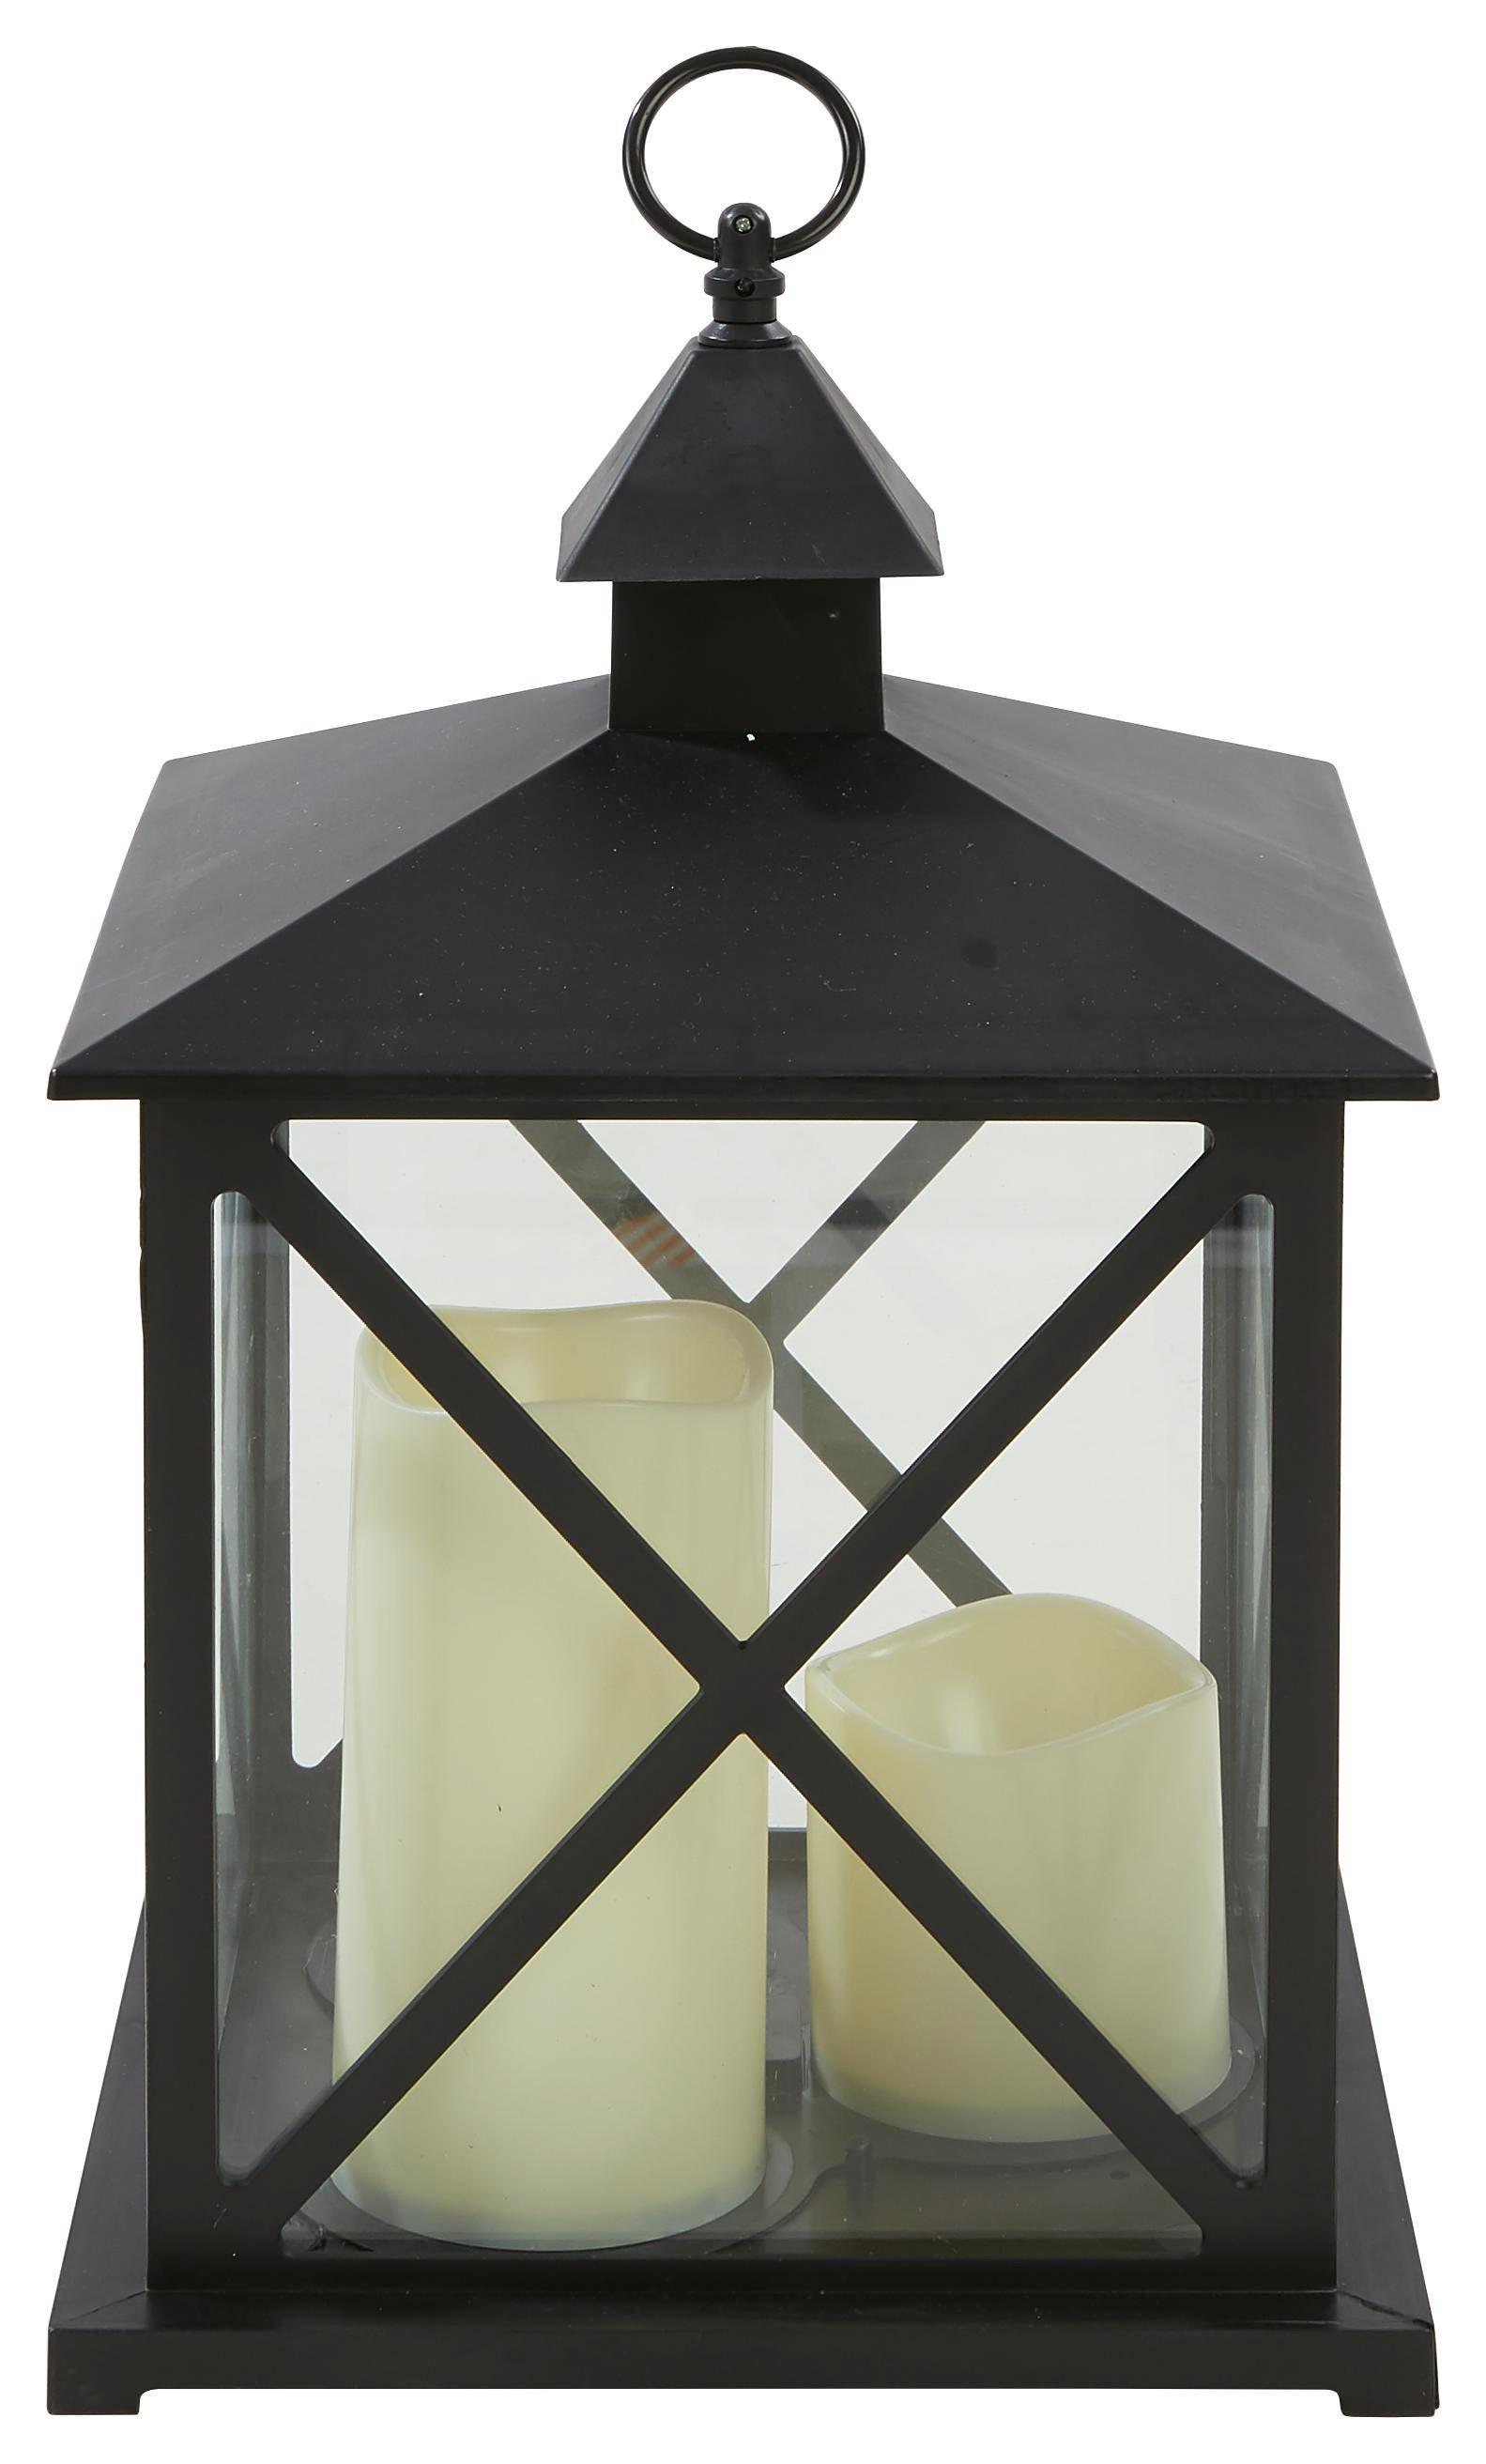 Laterne Kevin - inkl. LED Kerze - Schwarz, KONVENTIONELL, Glas/Kunststoff (23/23/38,5cm) - OMBRA